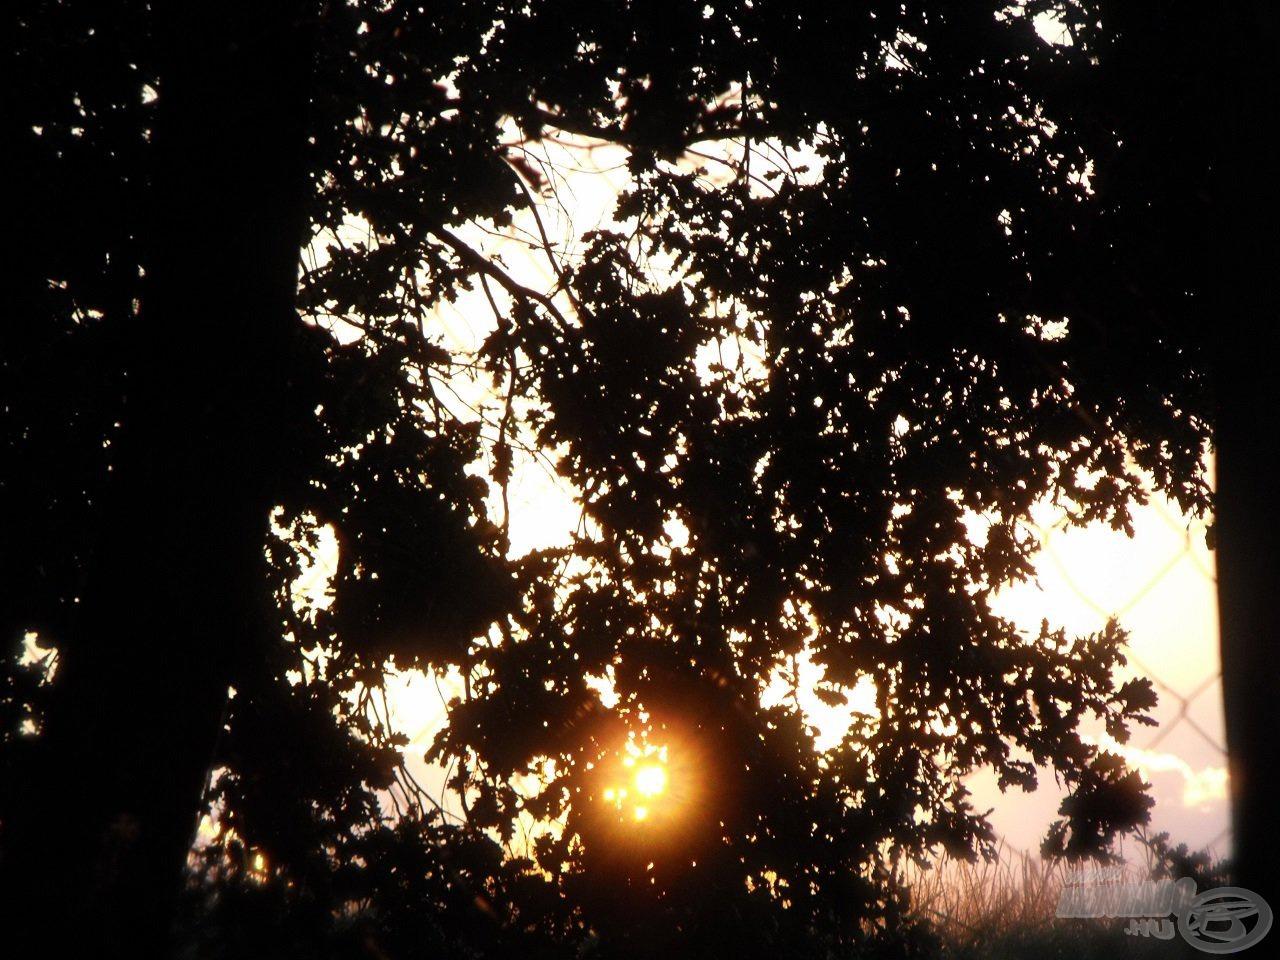 A felkelő nap sugarai már derengenek a fák levelei közt, ideje búcsút venni